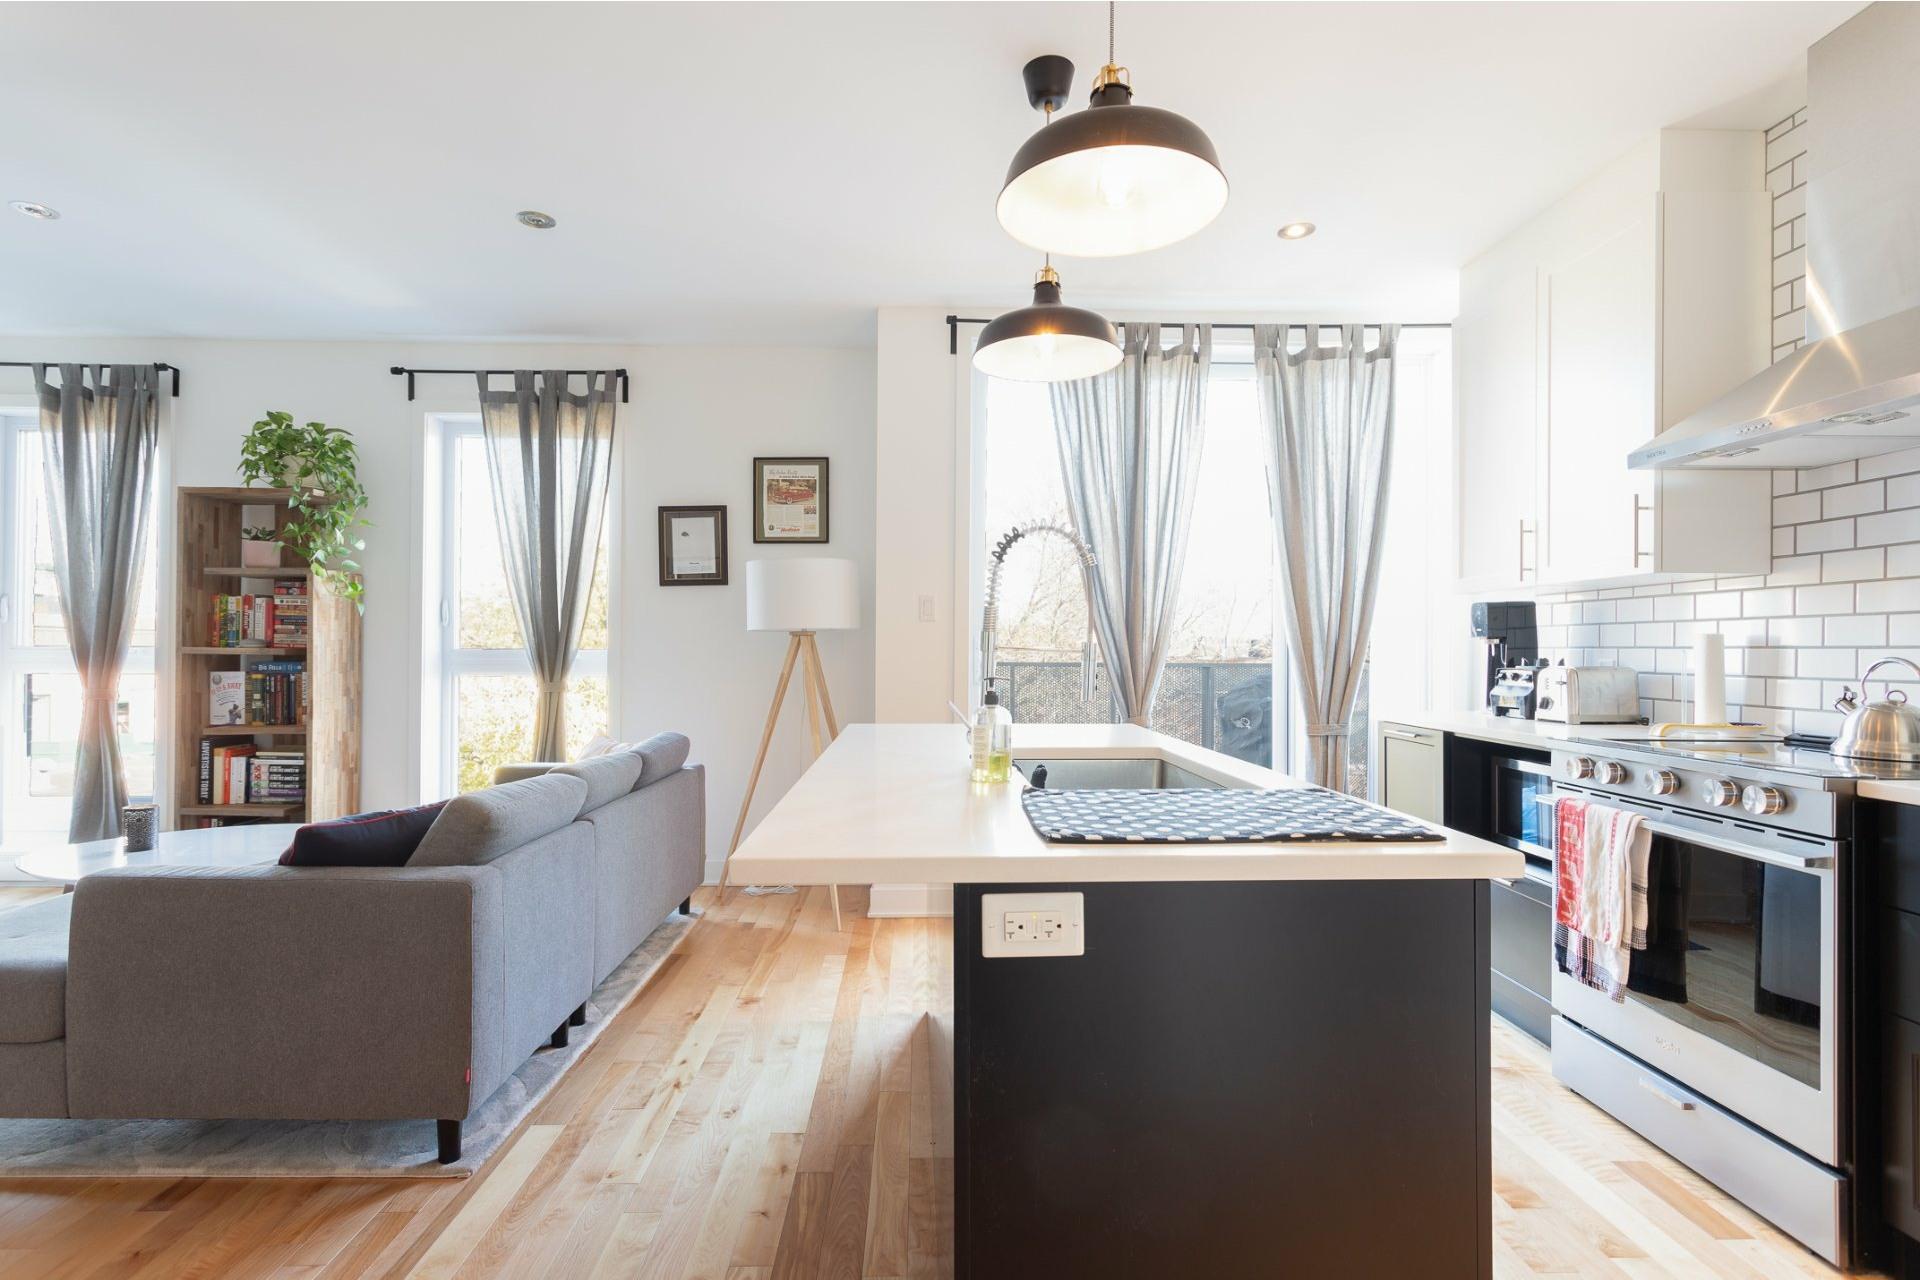 image 4 - Appartement À vendre Villeray/Saint-Michel/Parc-Extension Montréal  - 5 pièces